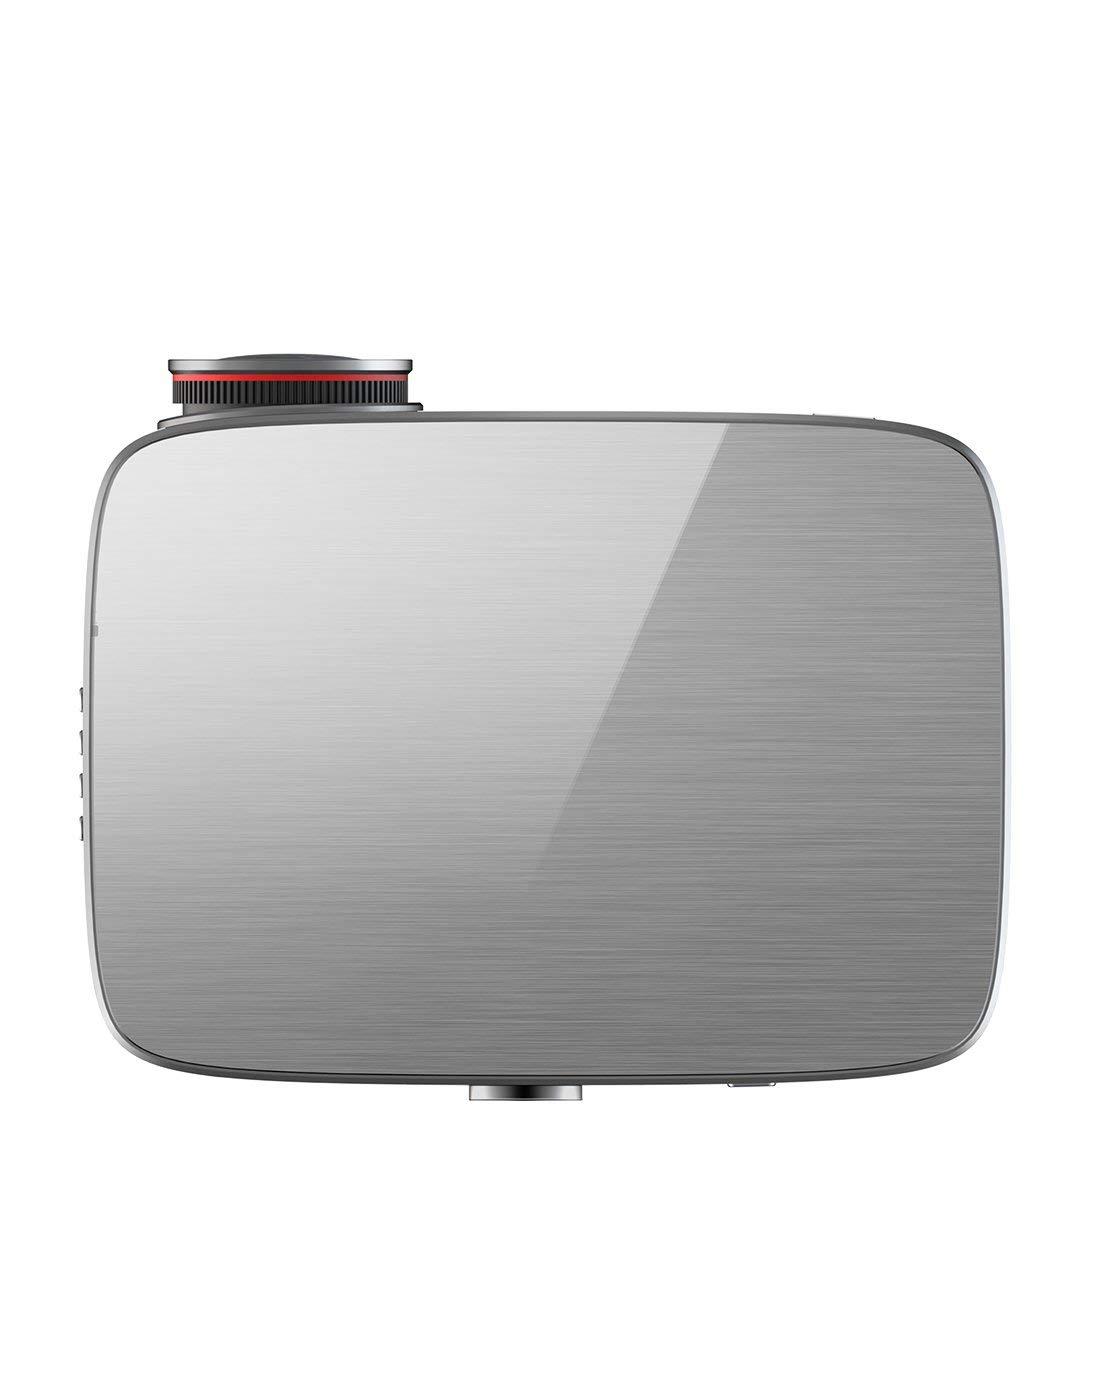 JmGO đậu máy gia dụng thông minh 1080p a6 hỗ trợ độ nét cao cỡ nhỏ WiFi gia đình tích hợp loa không